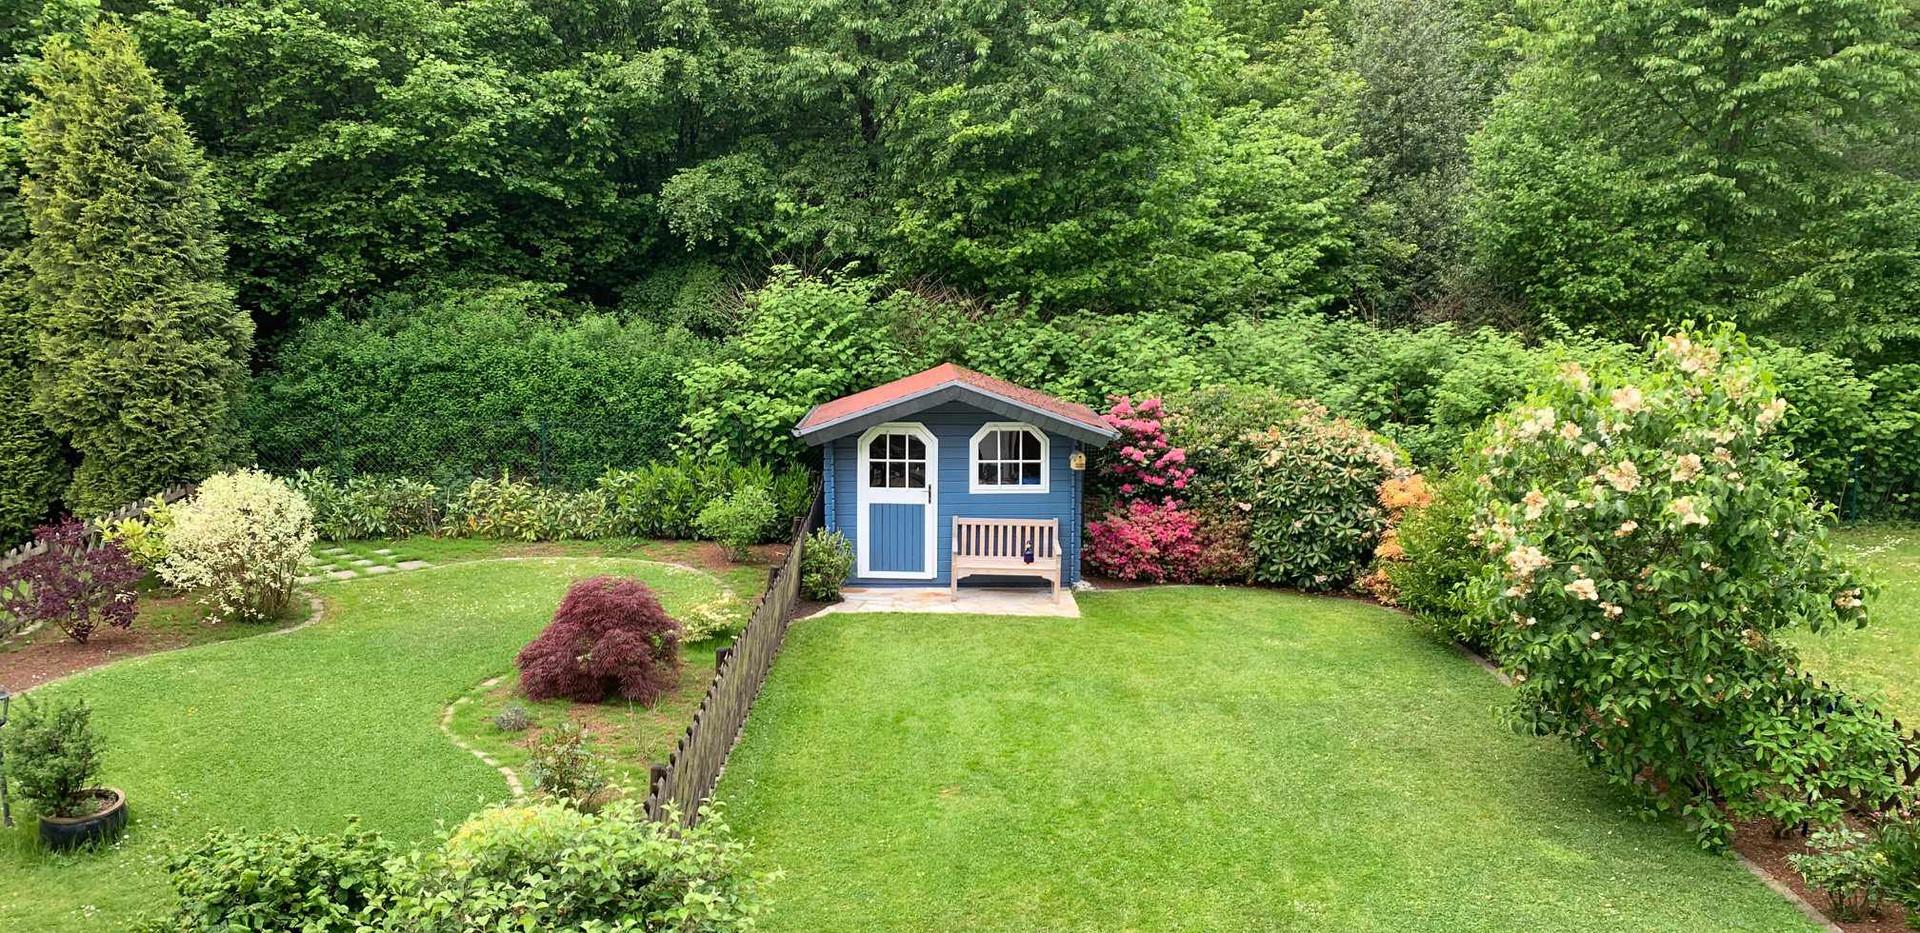 Wohnweisend_Immobilien_Ausblick_WVME520H